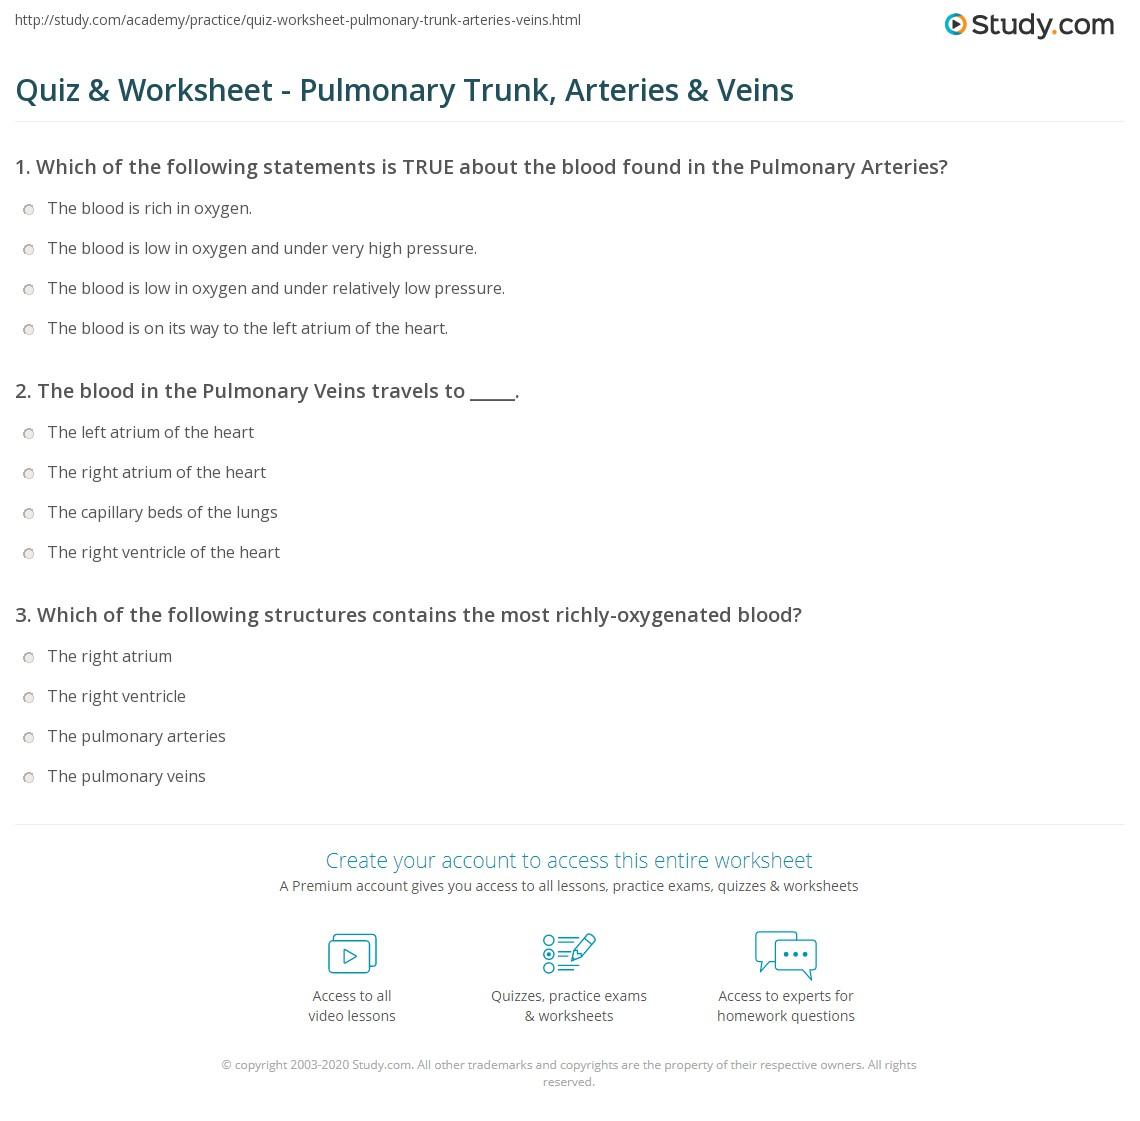 Quiz Worksheet Pulmonary Trunk Arteries Veins Study